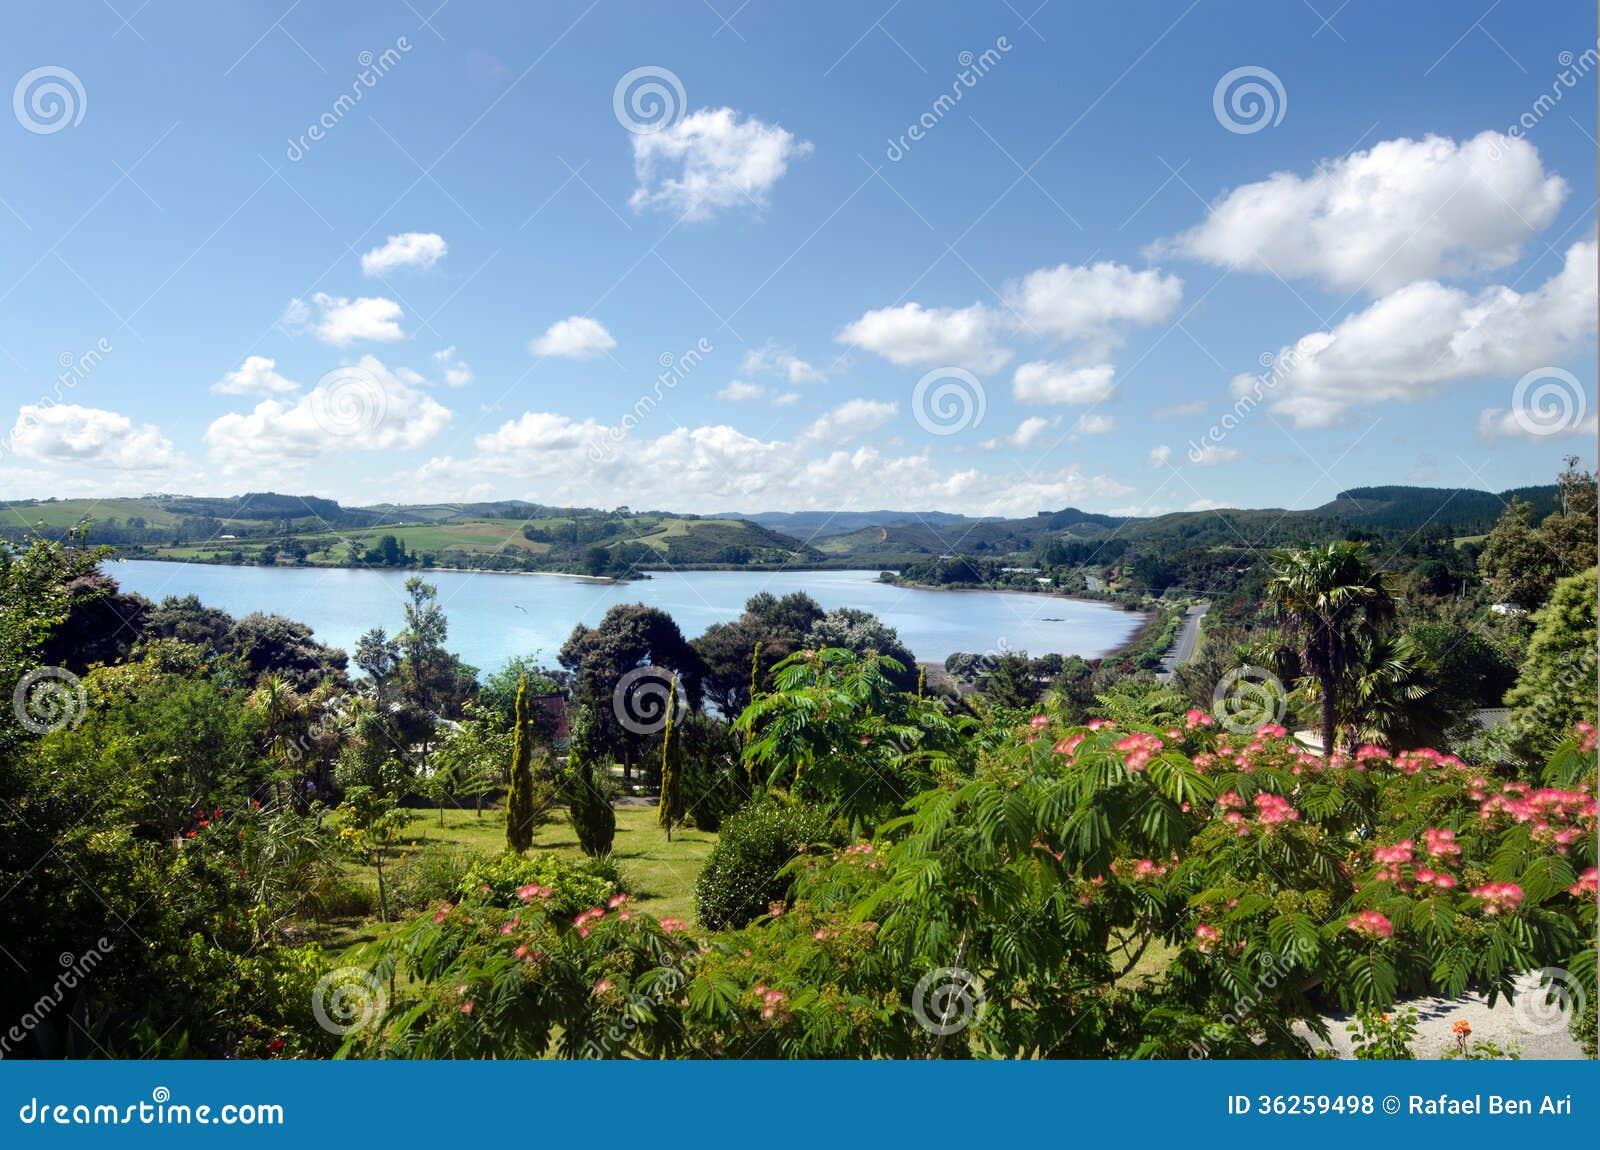 Mangonui New Zealand  city images : Mangonui Northland New Zealand NZ Royalty Free Stock Photos Image ...